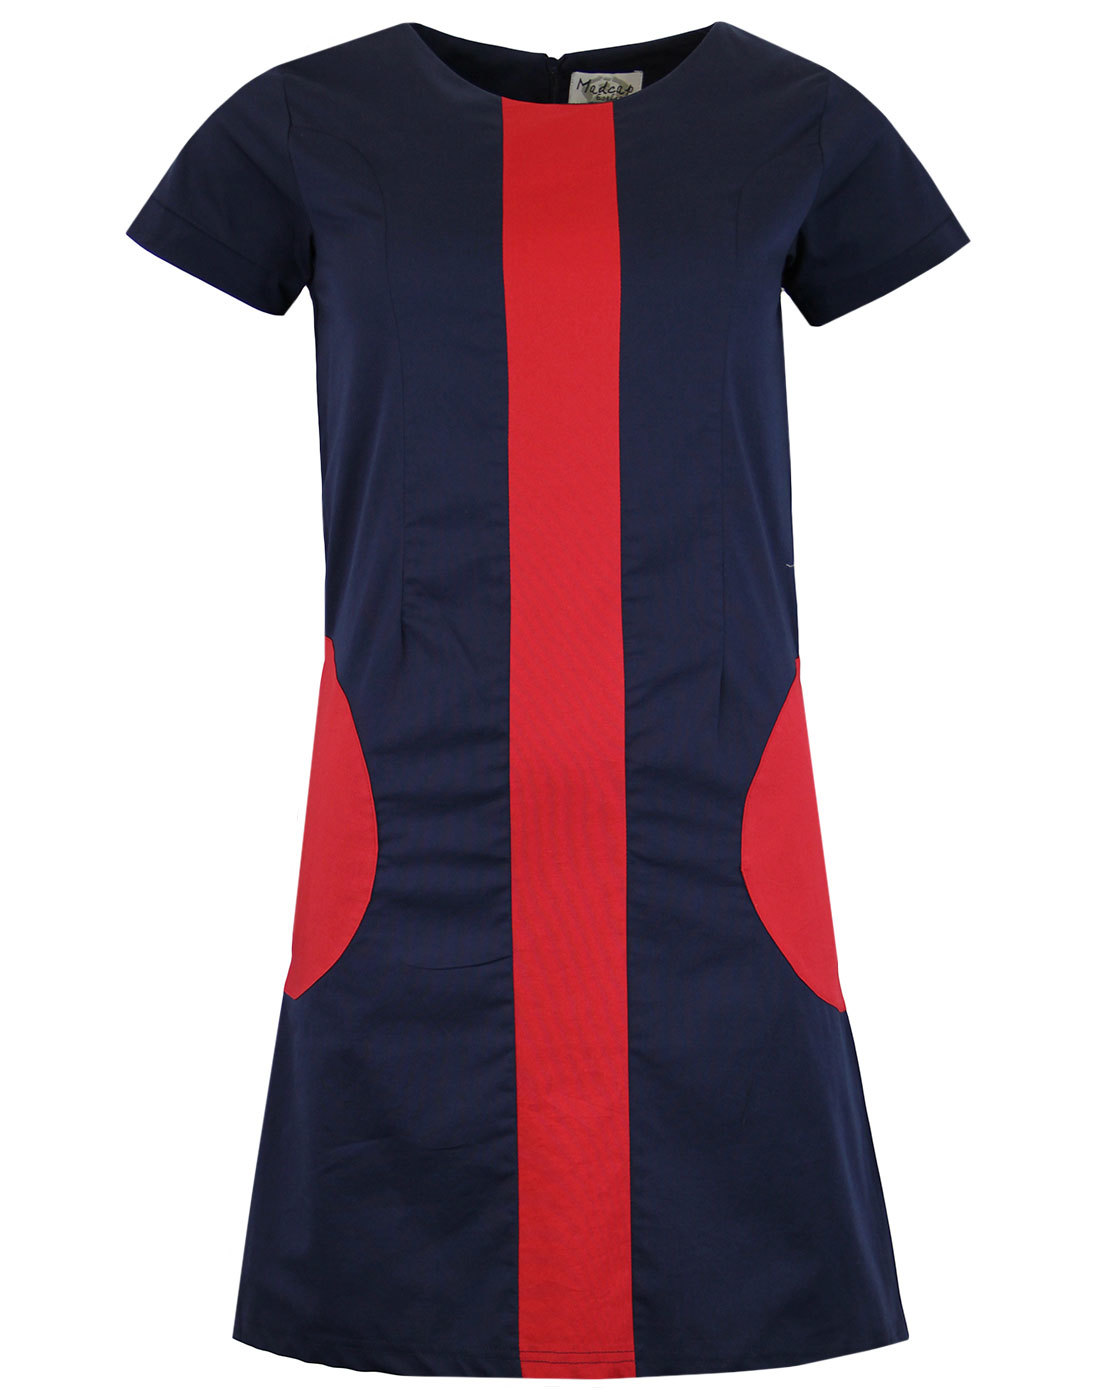 MADCAP ENGLAND Honey Retro 1960s Mod Circle Pocket Dress ...